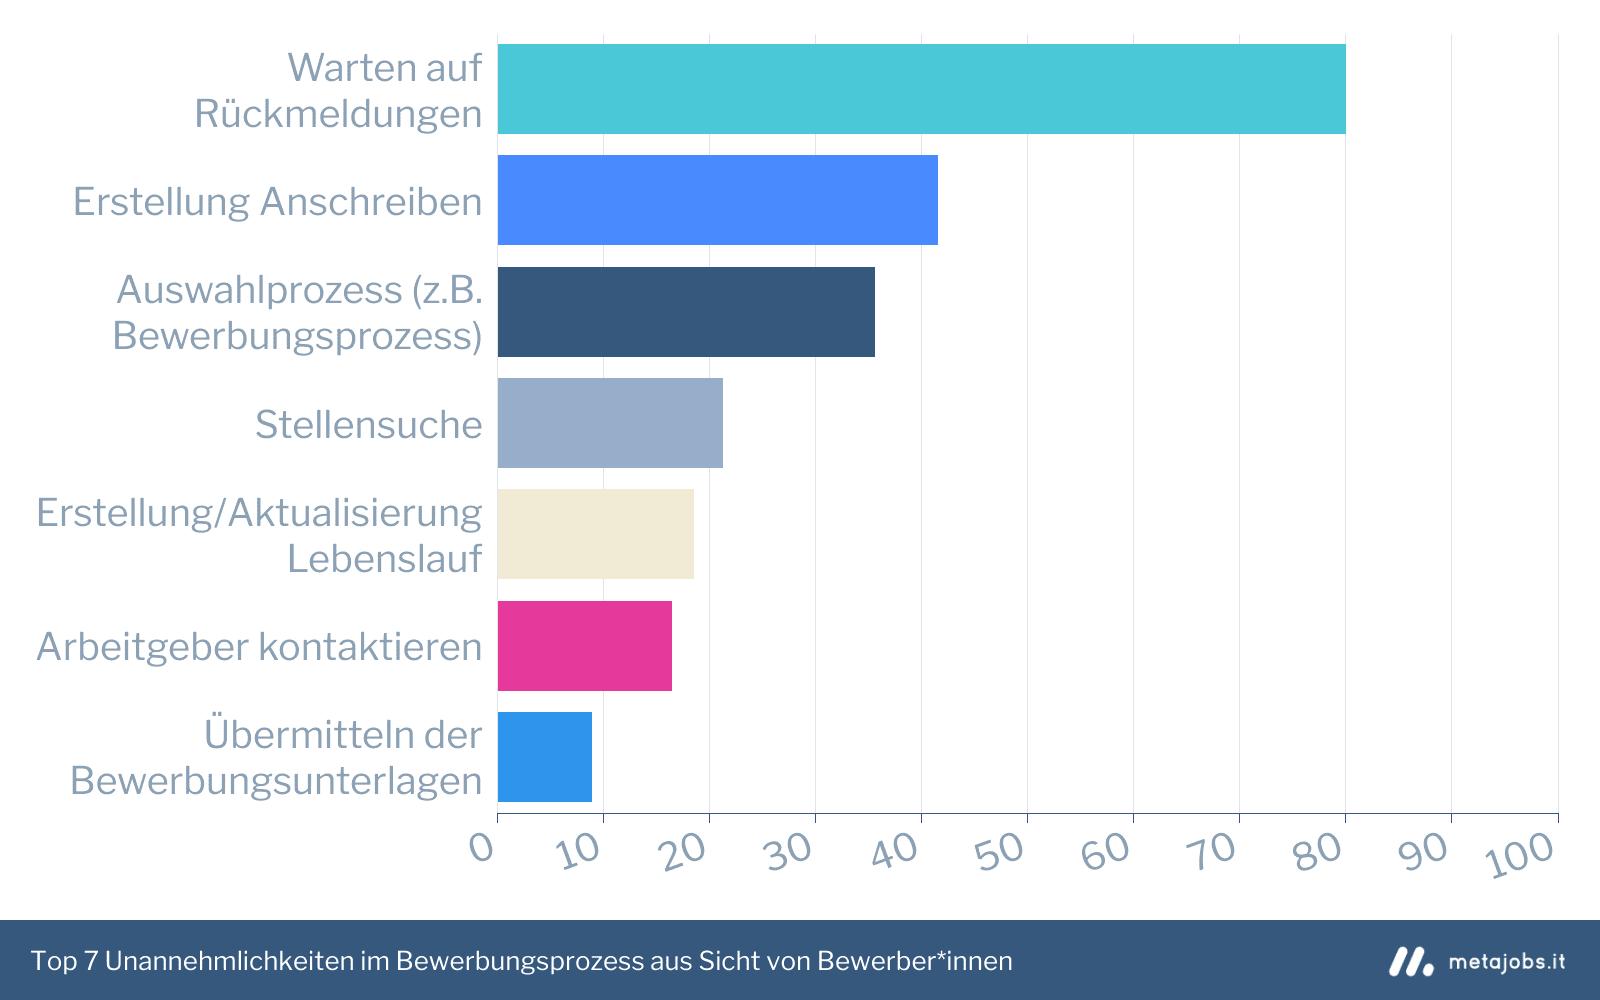 Top Unannehmlichkeiten im Bewerbungsprozess aus Sicht von Bewerber*innen Infografik